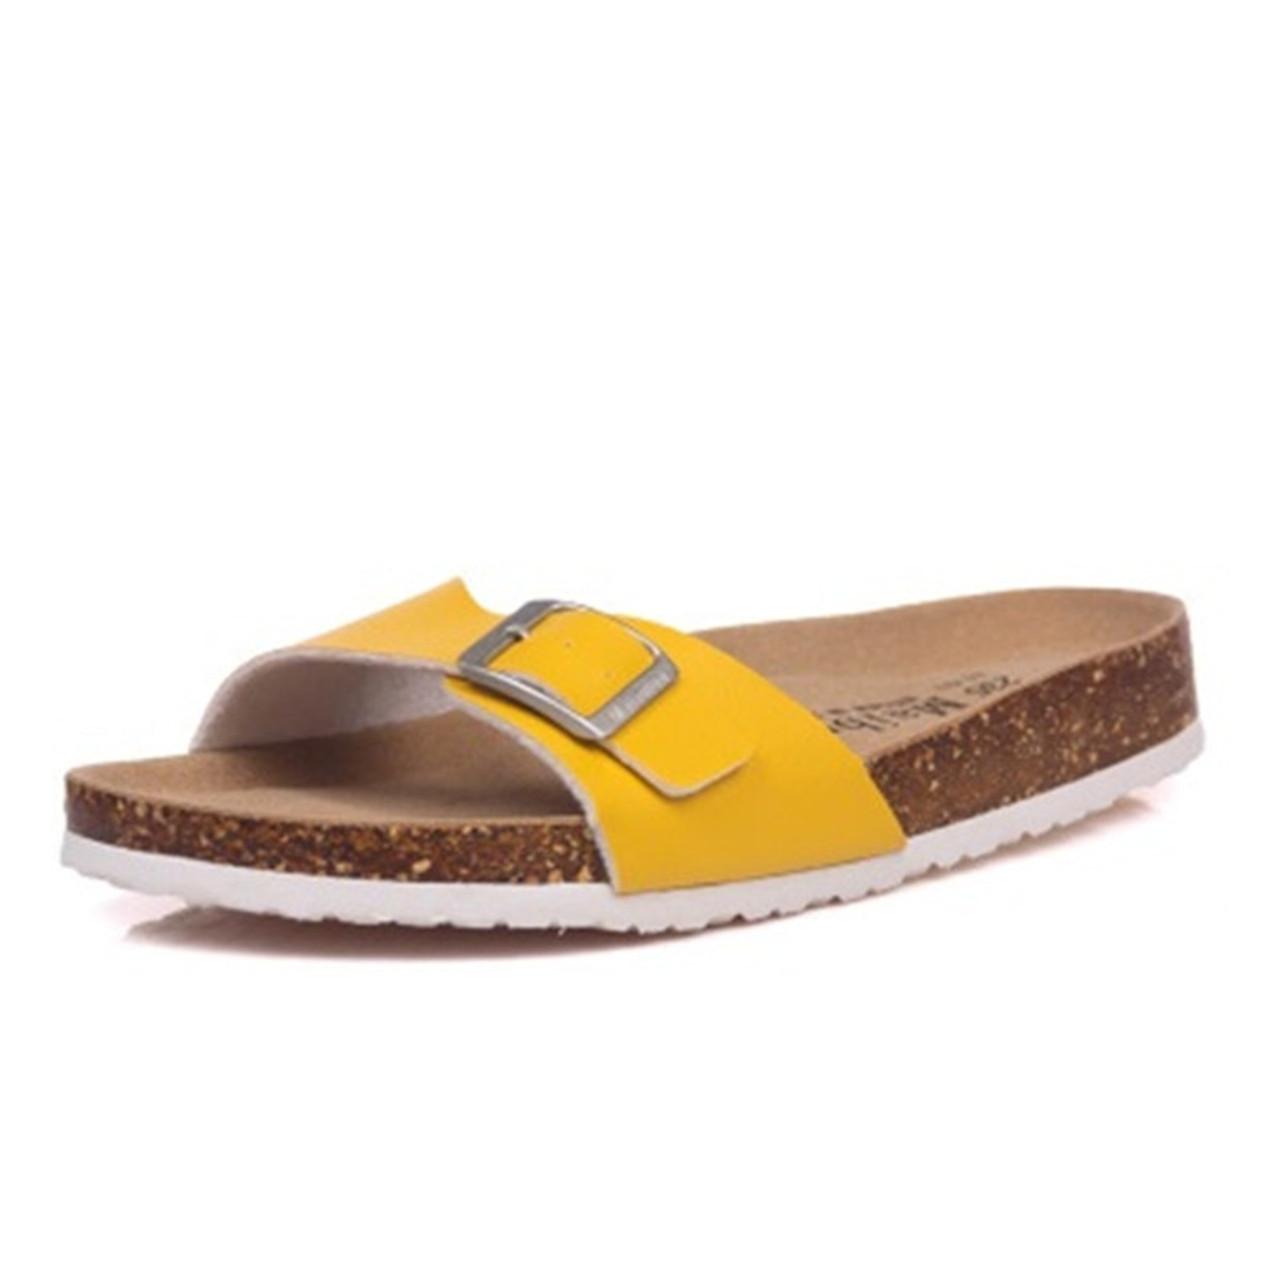 3df4a75ced7c67 ... Mvp Boy 2018 Summer Cork Slipper Sandals Men Casual Beach Mixed Color Flip  Flops Slides Shoe ...